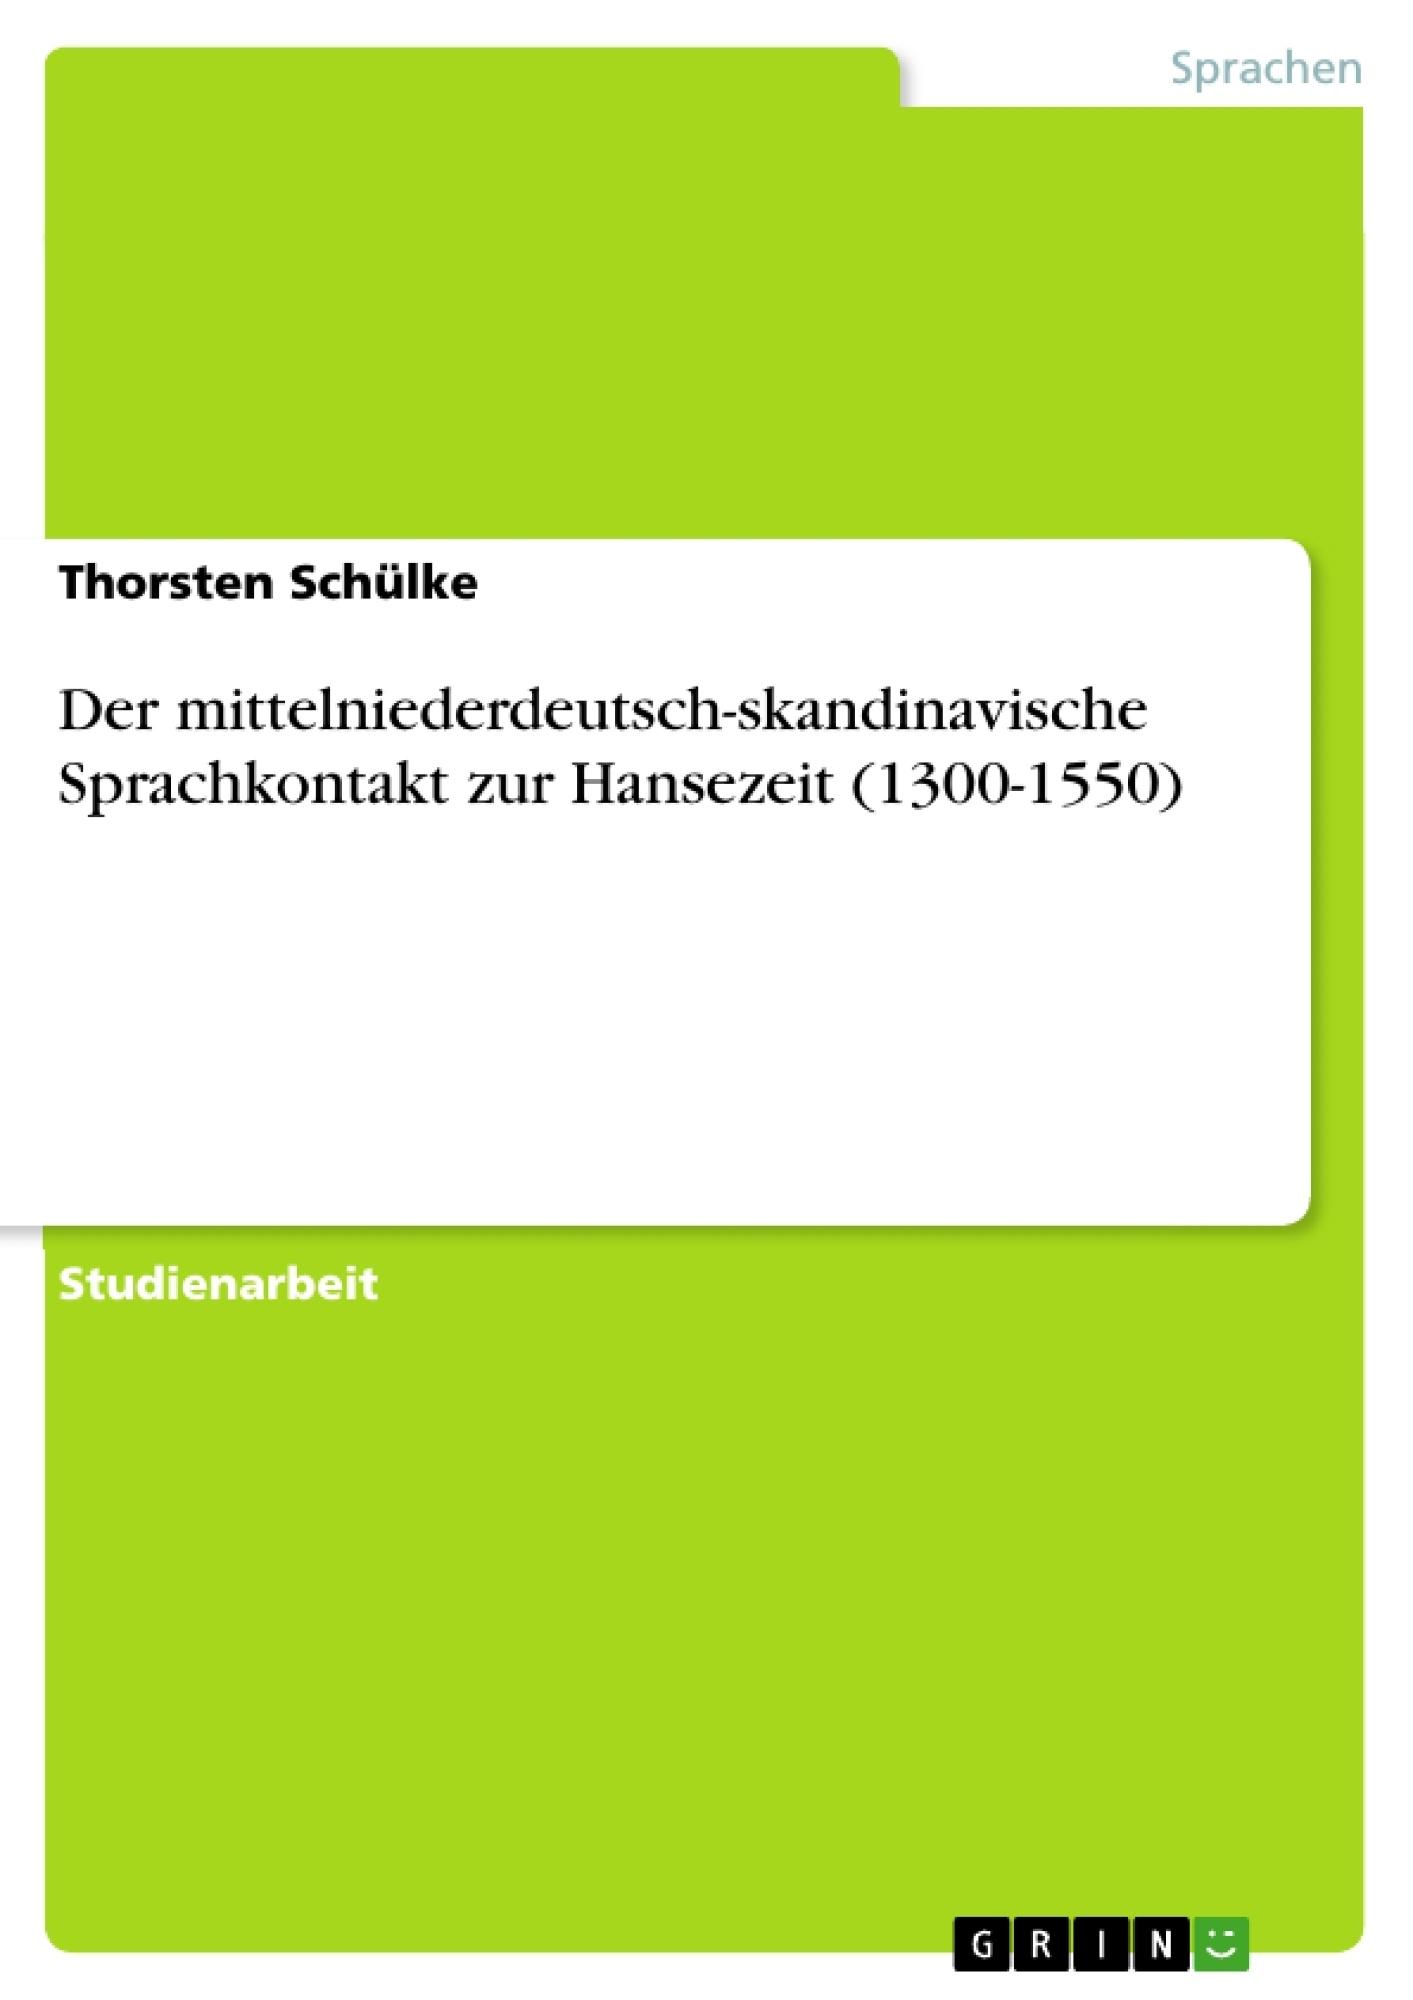 Titel: Der mittelniederdeutsch-skandinavische Sprachkontakt zur Hansezeit (1300-1550)